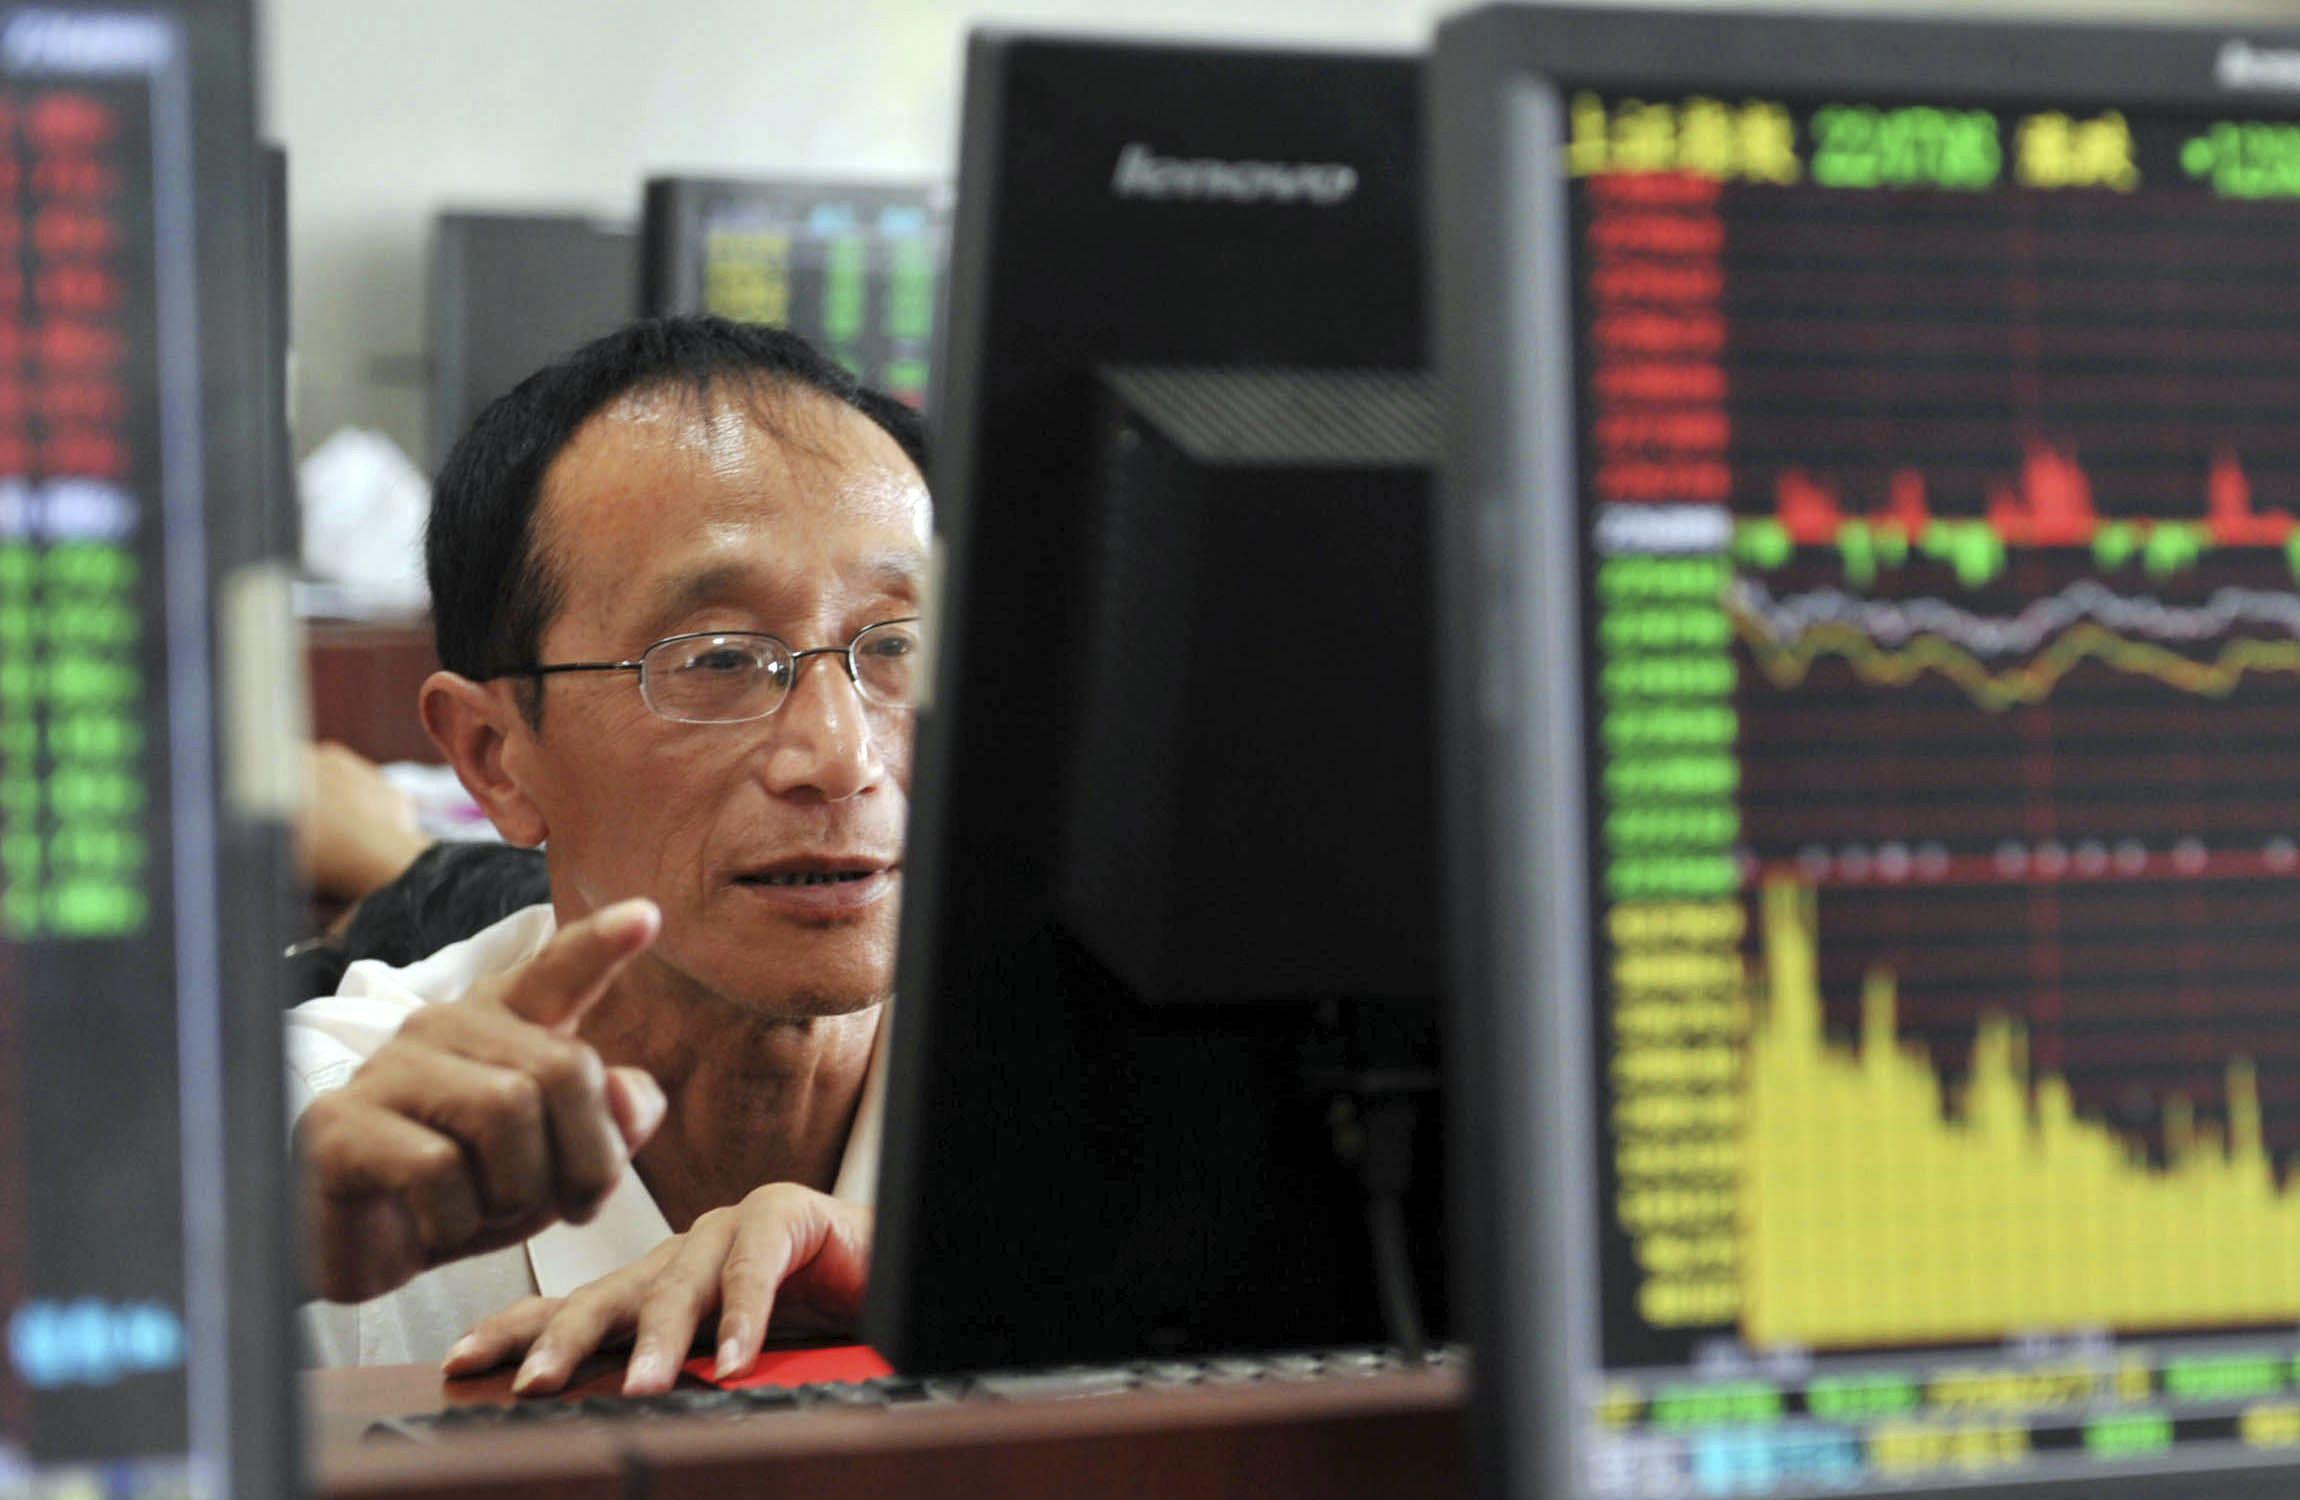 En baja. Un operador de la Bolsa de Shanghai asiste a una nueva caída de esa plaza bursátil. Otro día de tensión.